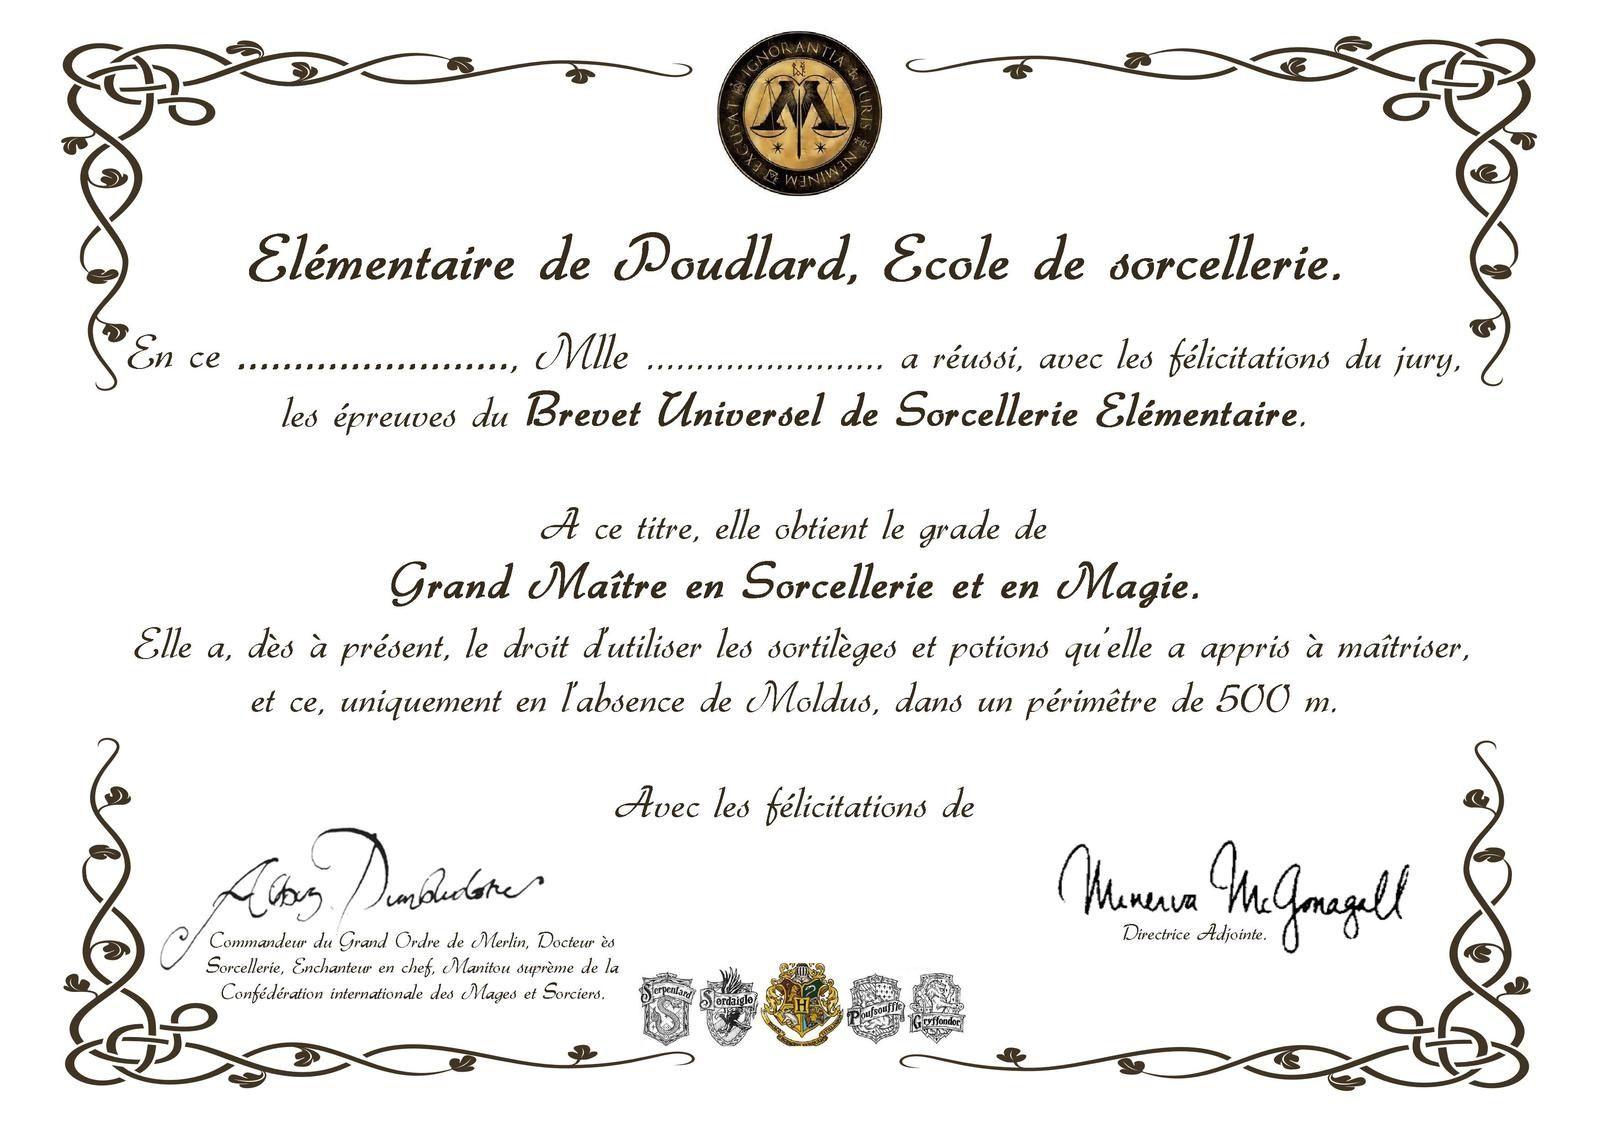 Telechargement Gratuit En 2019 Poudlard école Harry